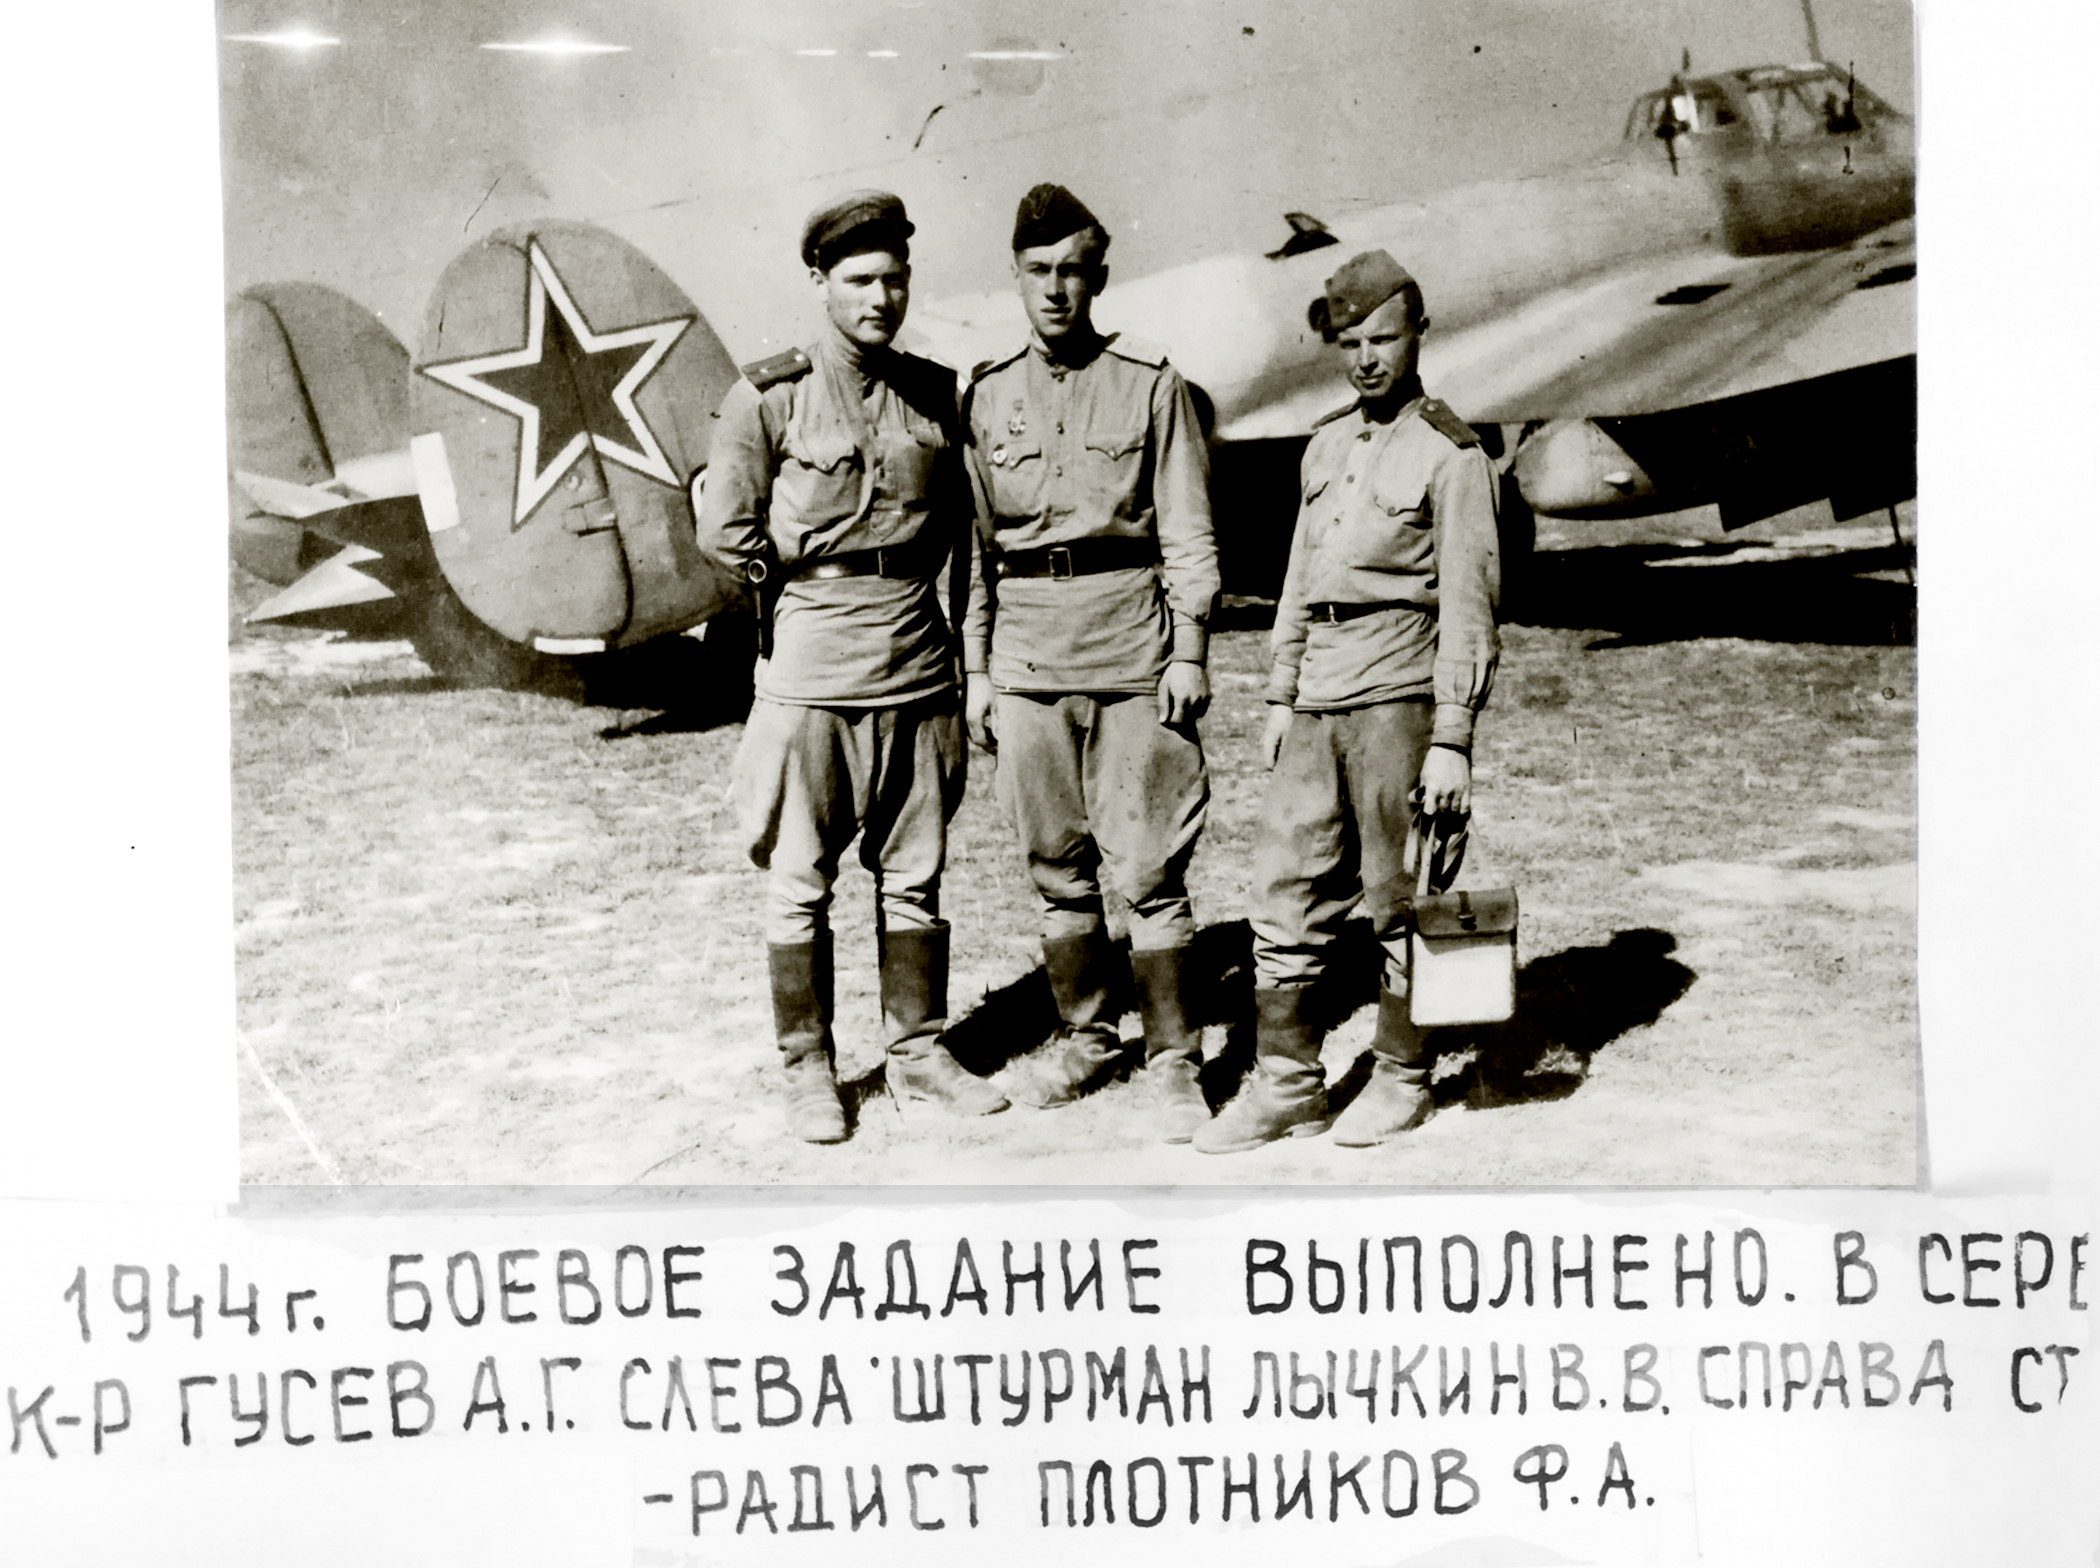 Aircrew Soviet 82GvBAP with Commander Anatoly Gusev,Vasily Lychkin nav and Fyodor Plotnikov radio 1944 01